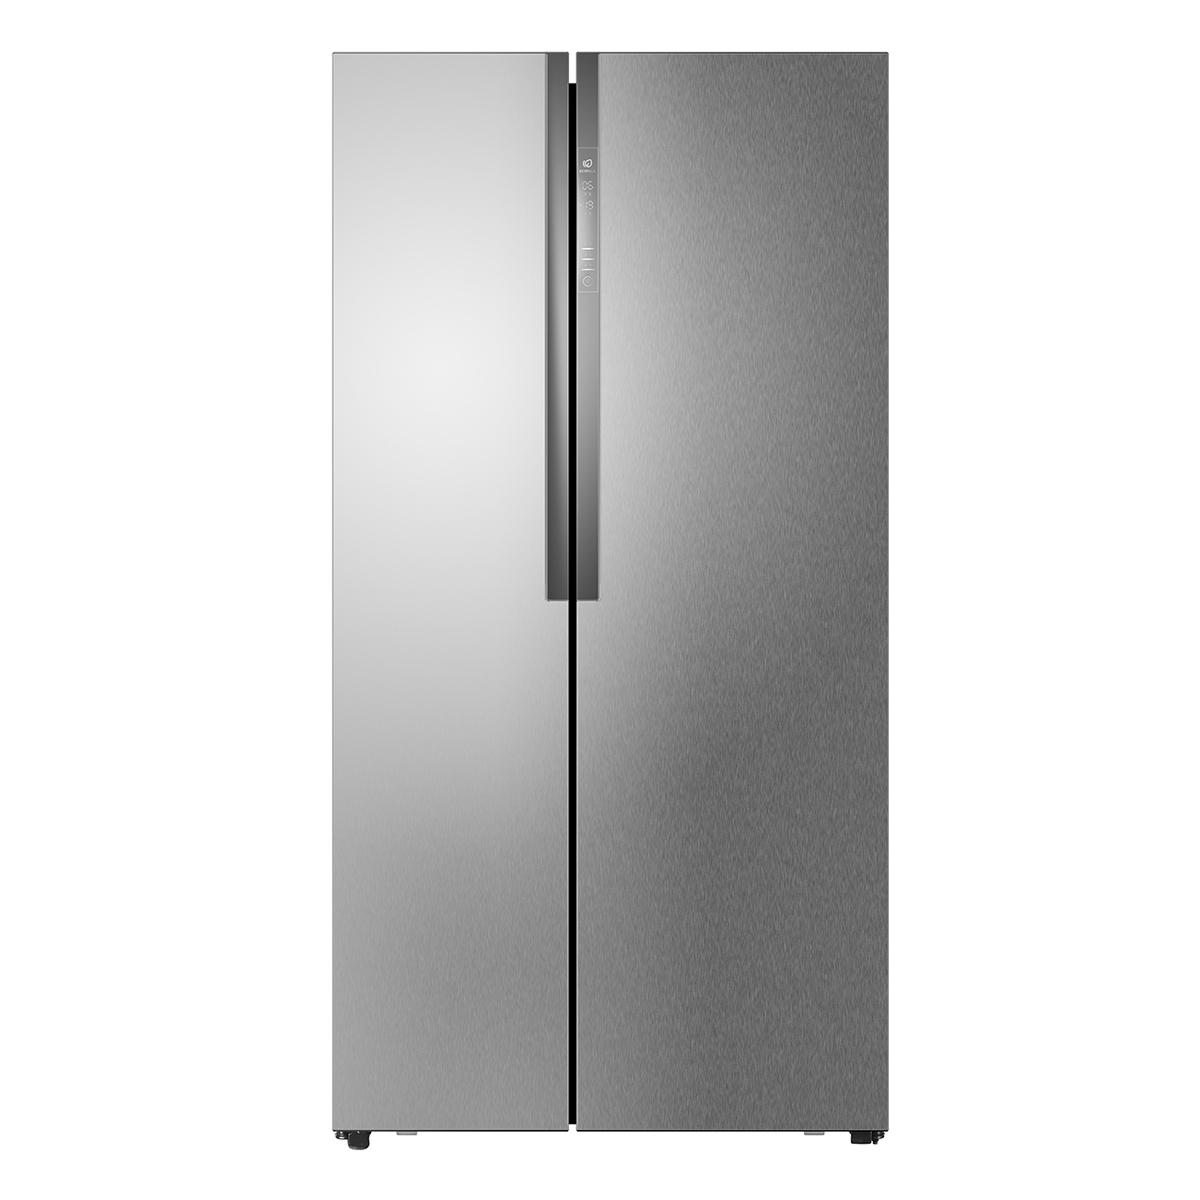 海尔Haier冰箱 BCD-649WDBB 说明书